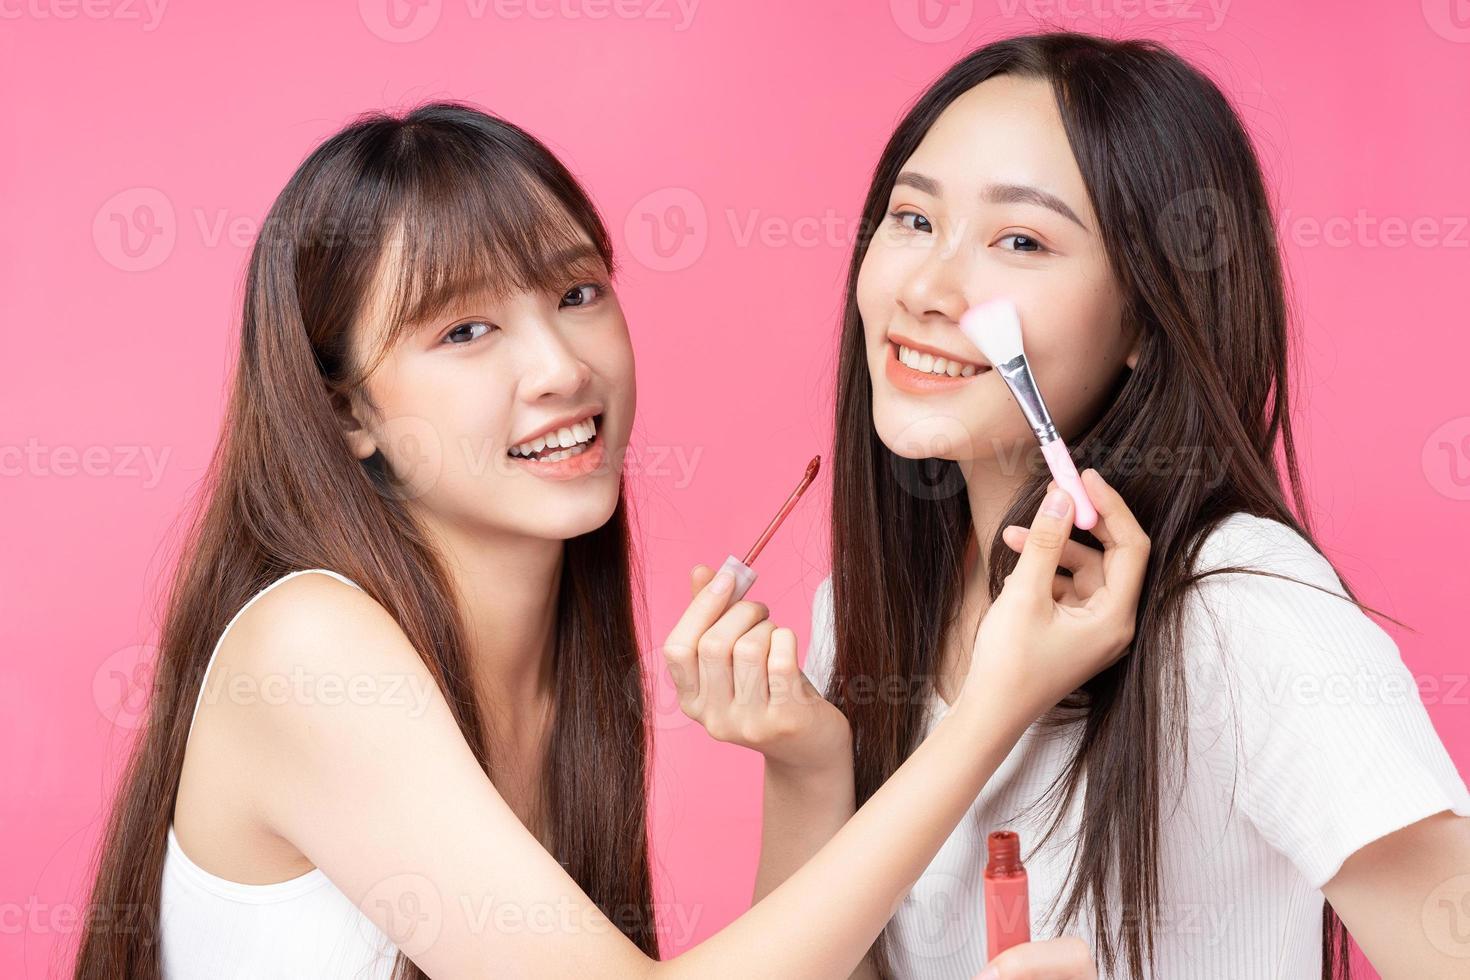 deux belles jeunes filles asiatiques se maquillent photo